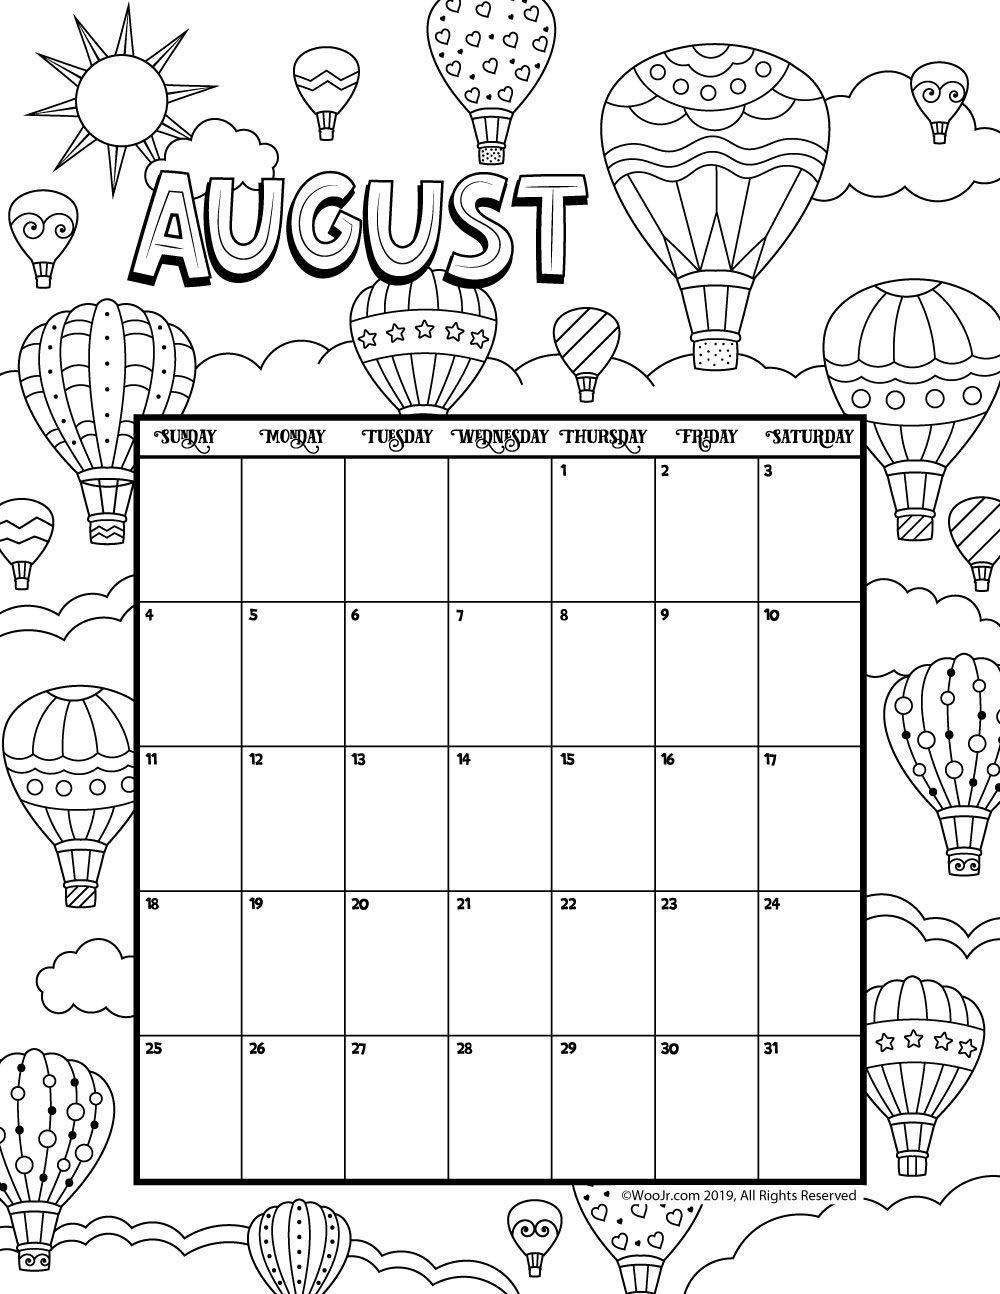 August 2019 Coloring Calendar Kids Calendar August Calendar